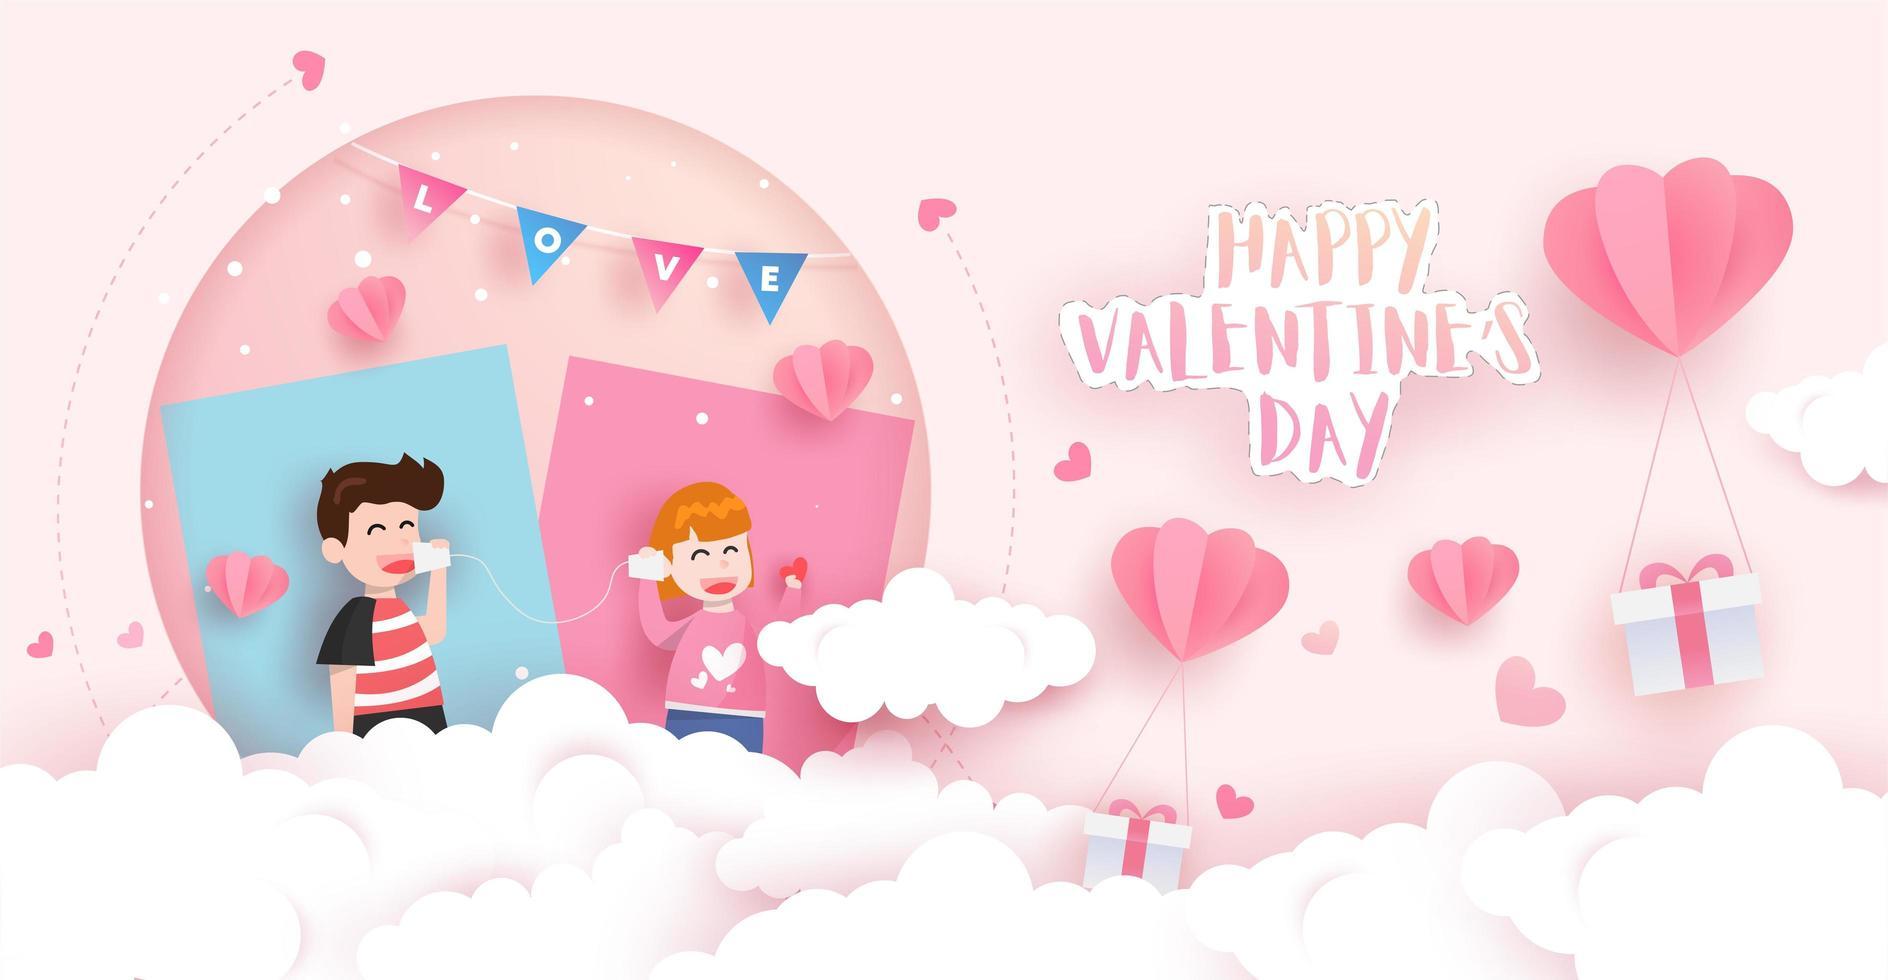 Cartolina di San Valentino felice nel design di arte di carta vettore